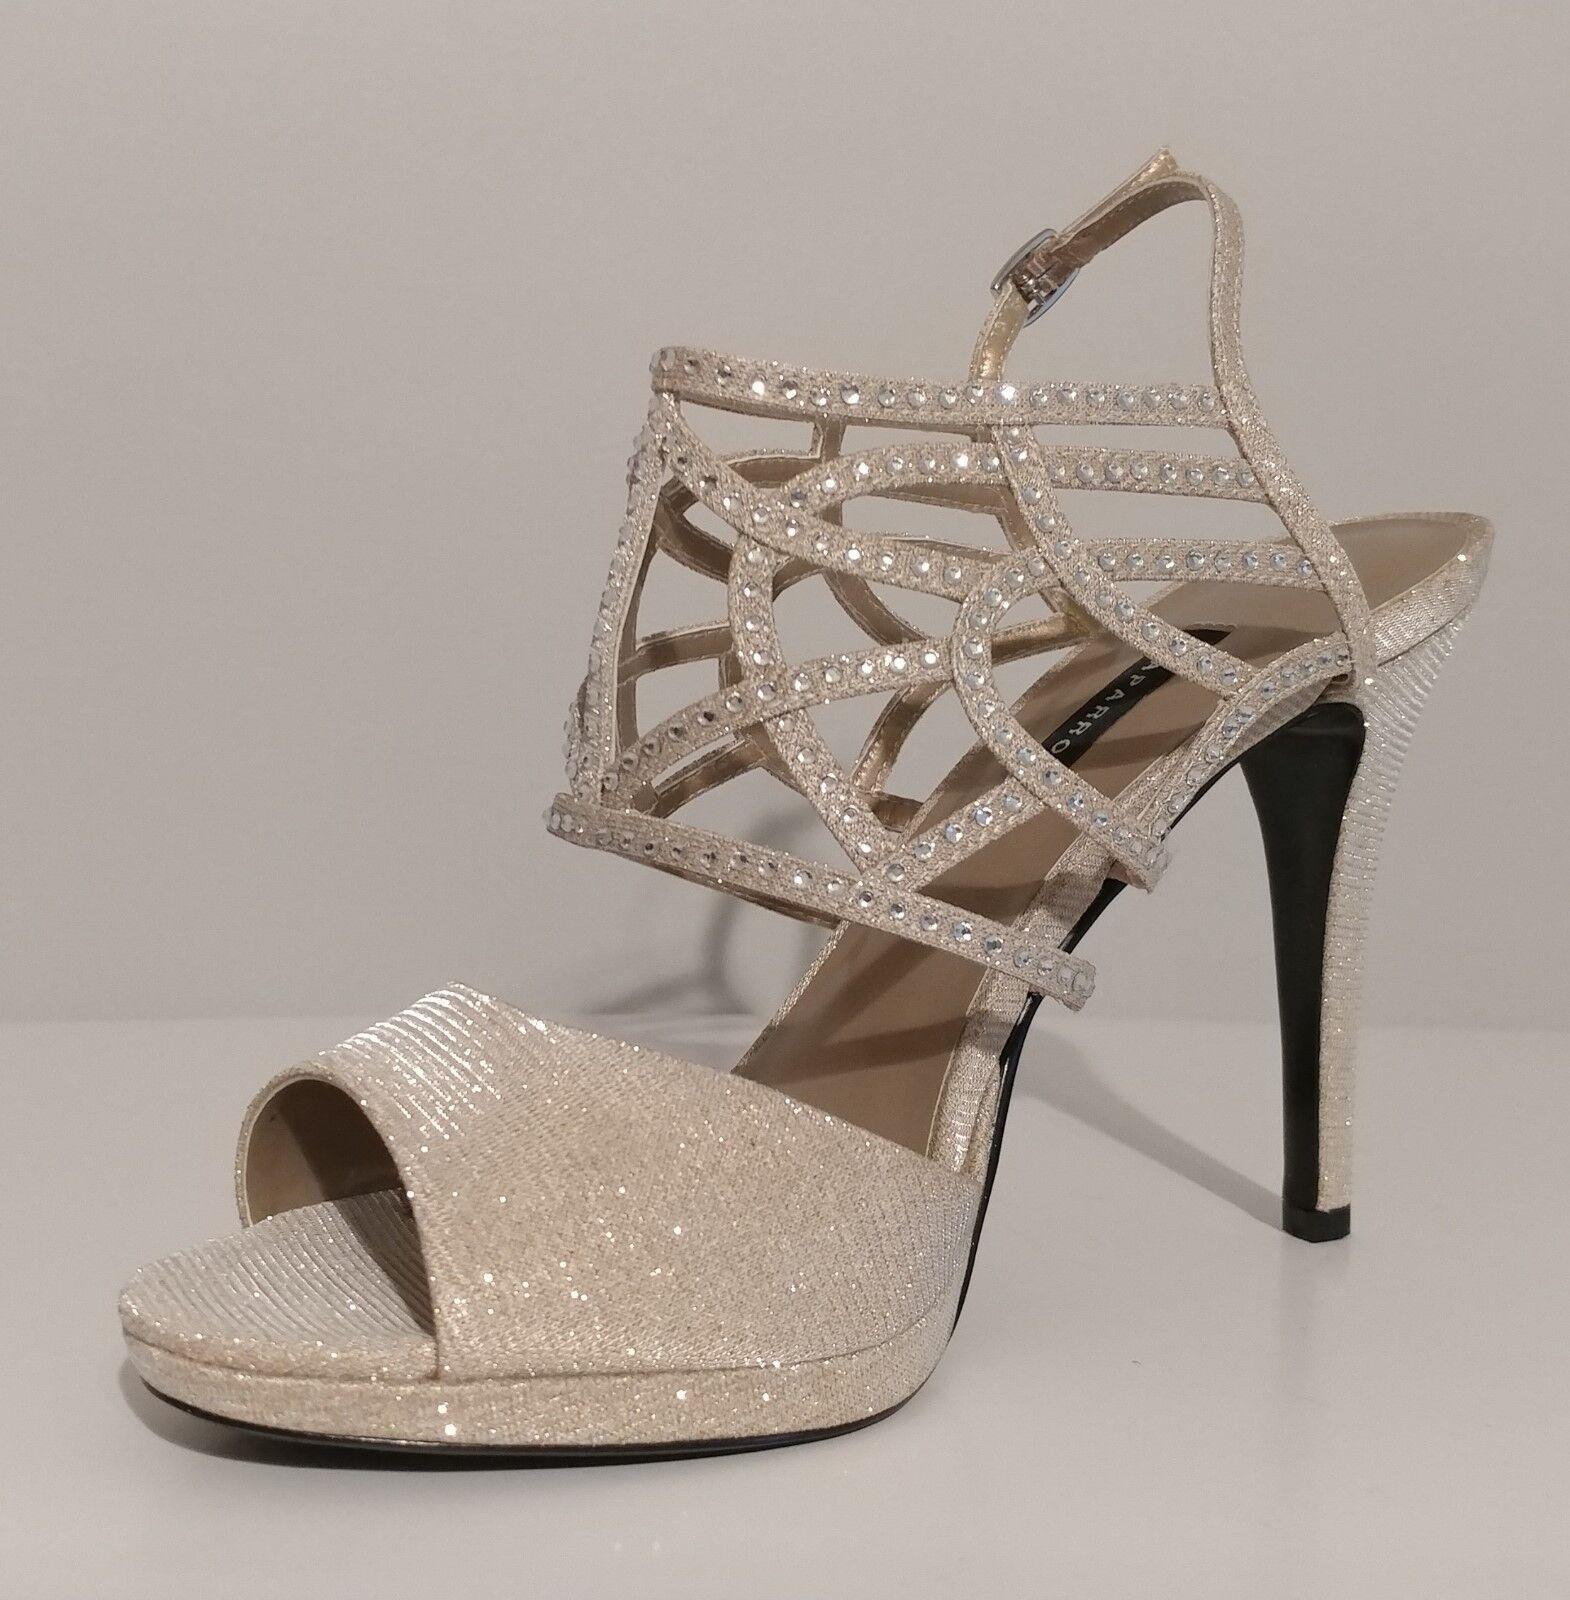 NEW   Caparros Gold Rinestone Sandals 5